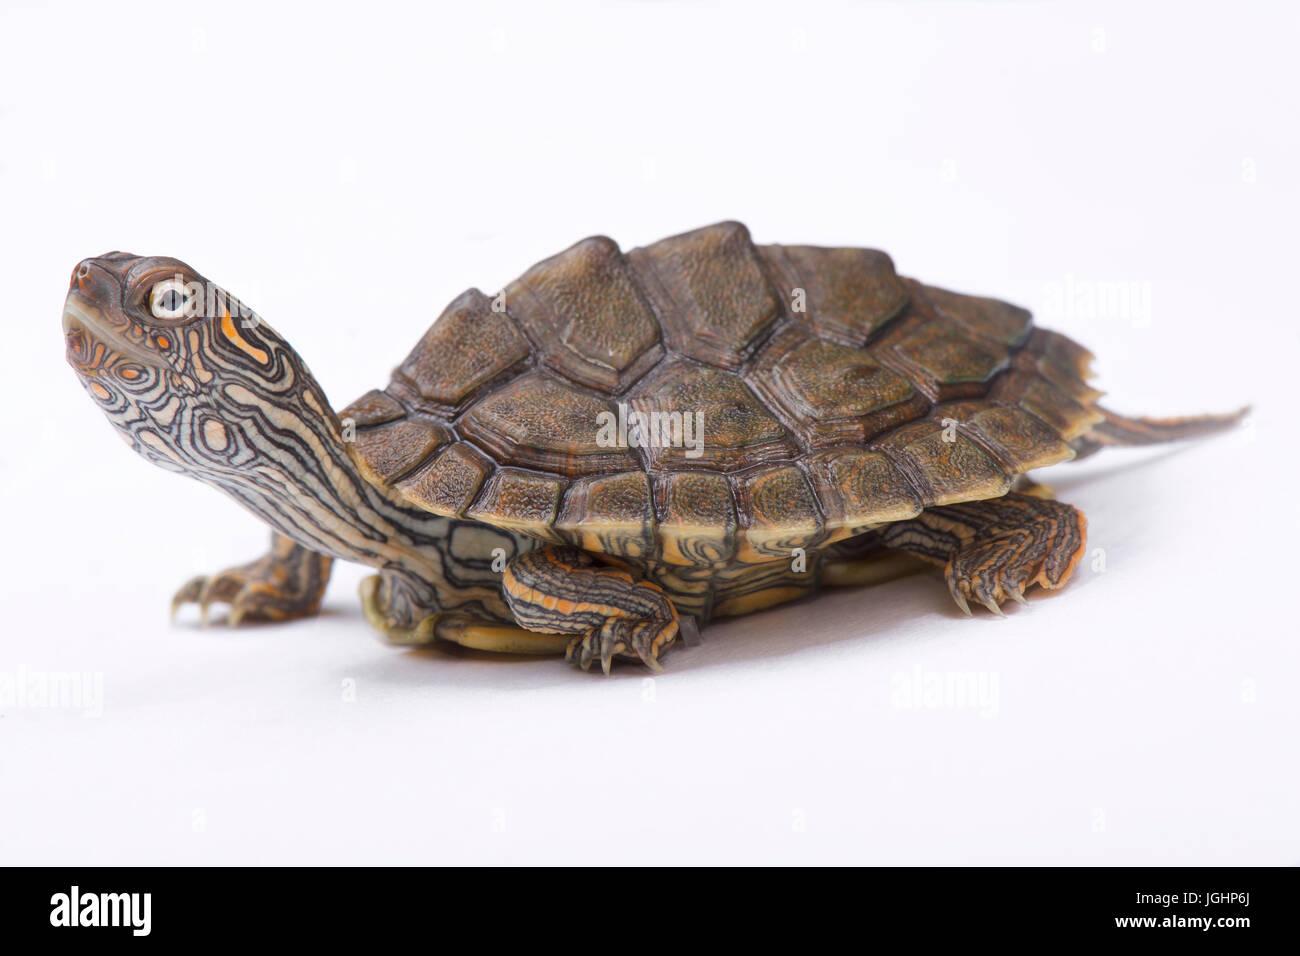 Texas Map Turtle Texas map turtle, Graptemys versa Stock Photo: 147908058   Alamy